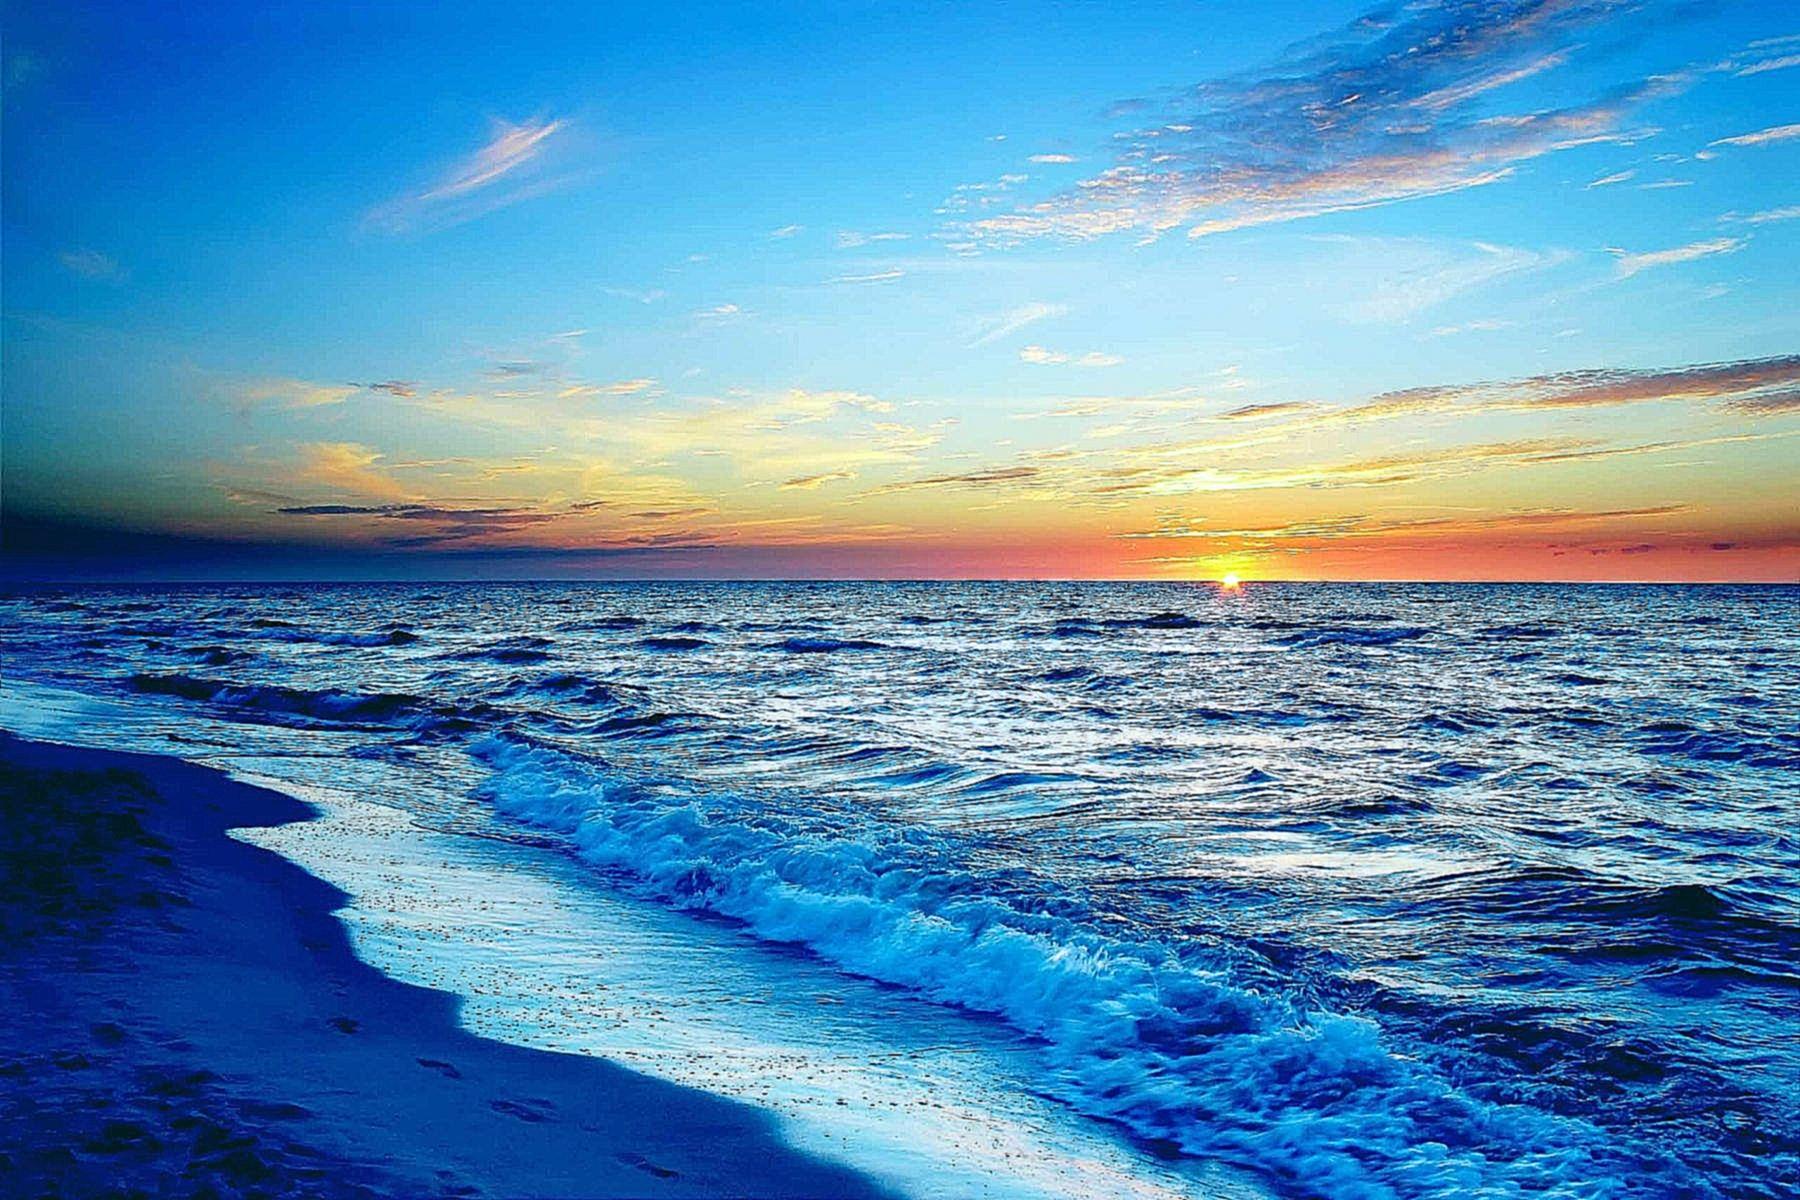 картинки про закат на море